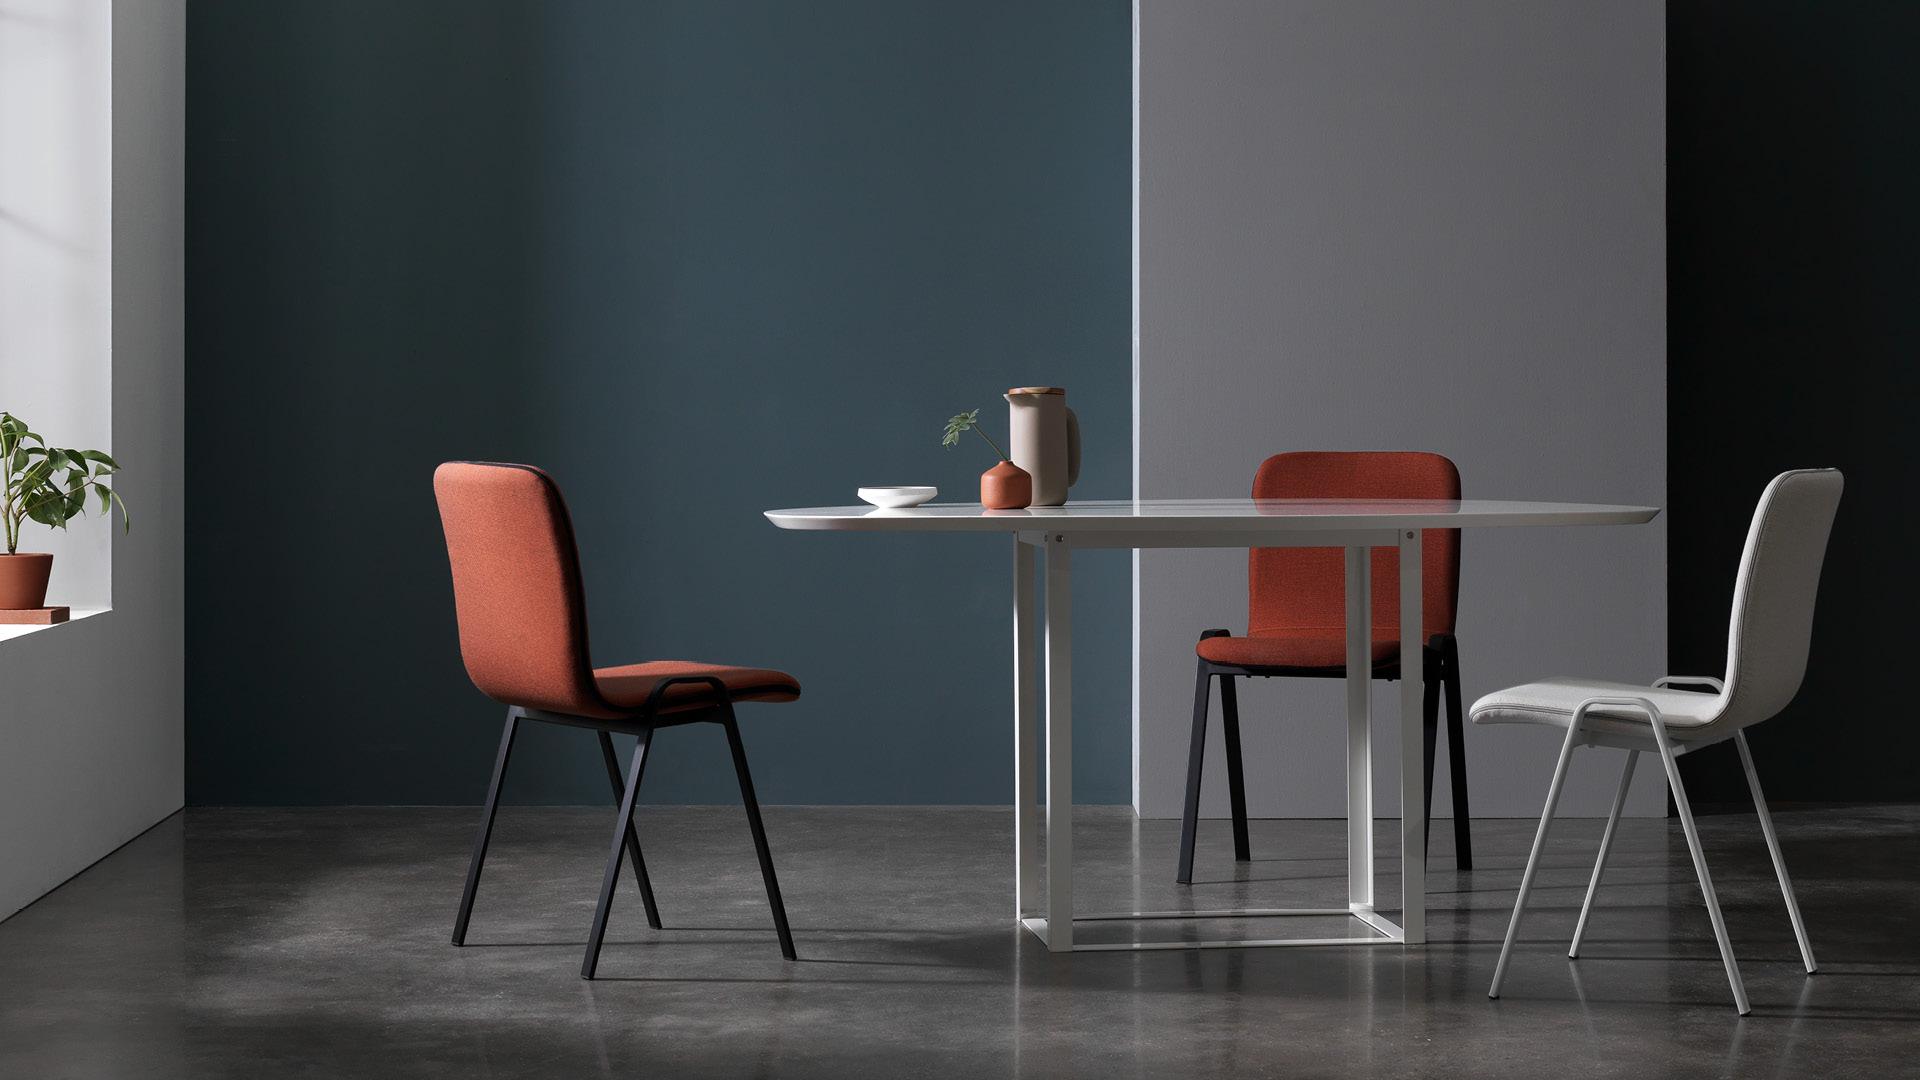 红白餐椅,让用餐氛围更灵动